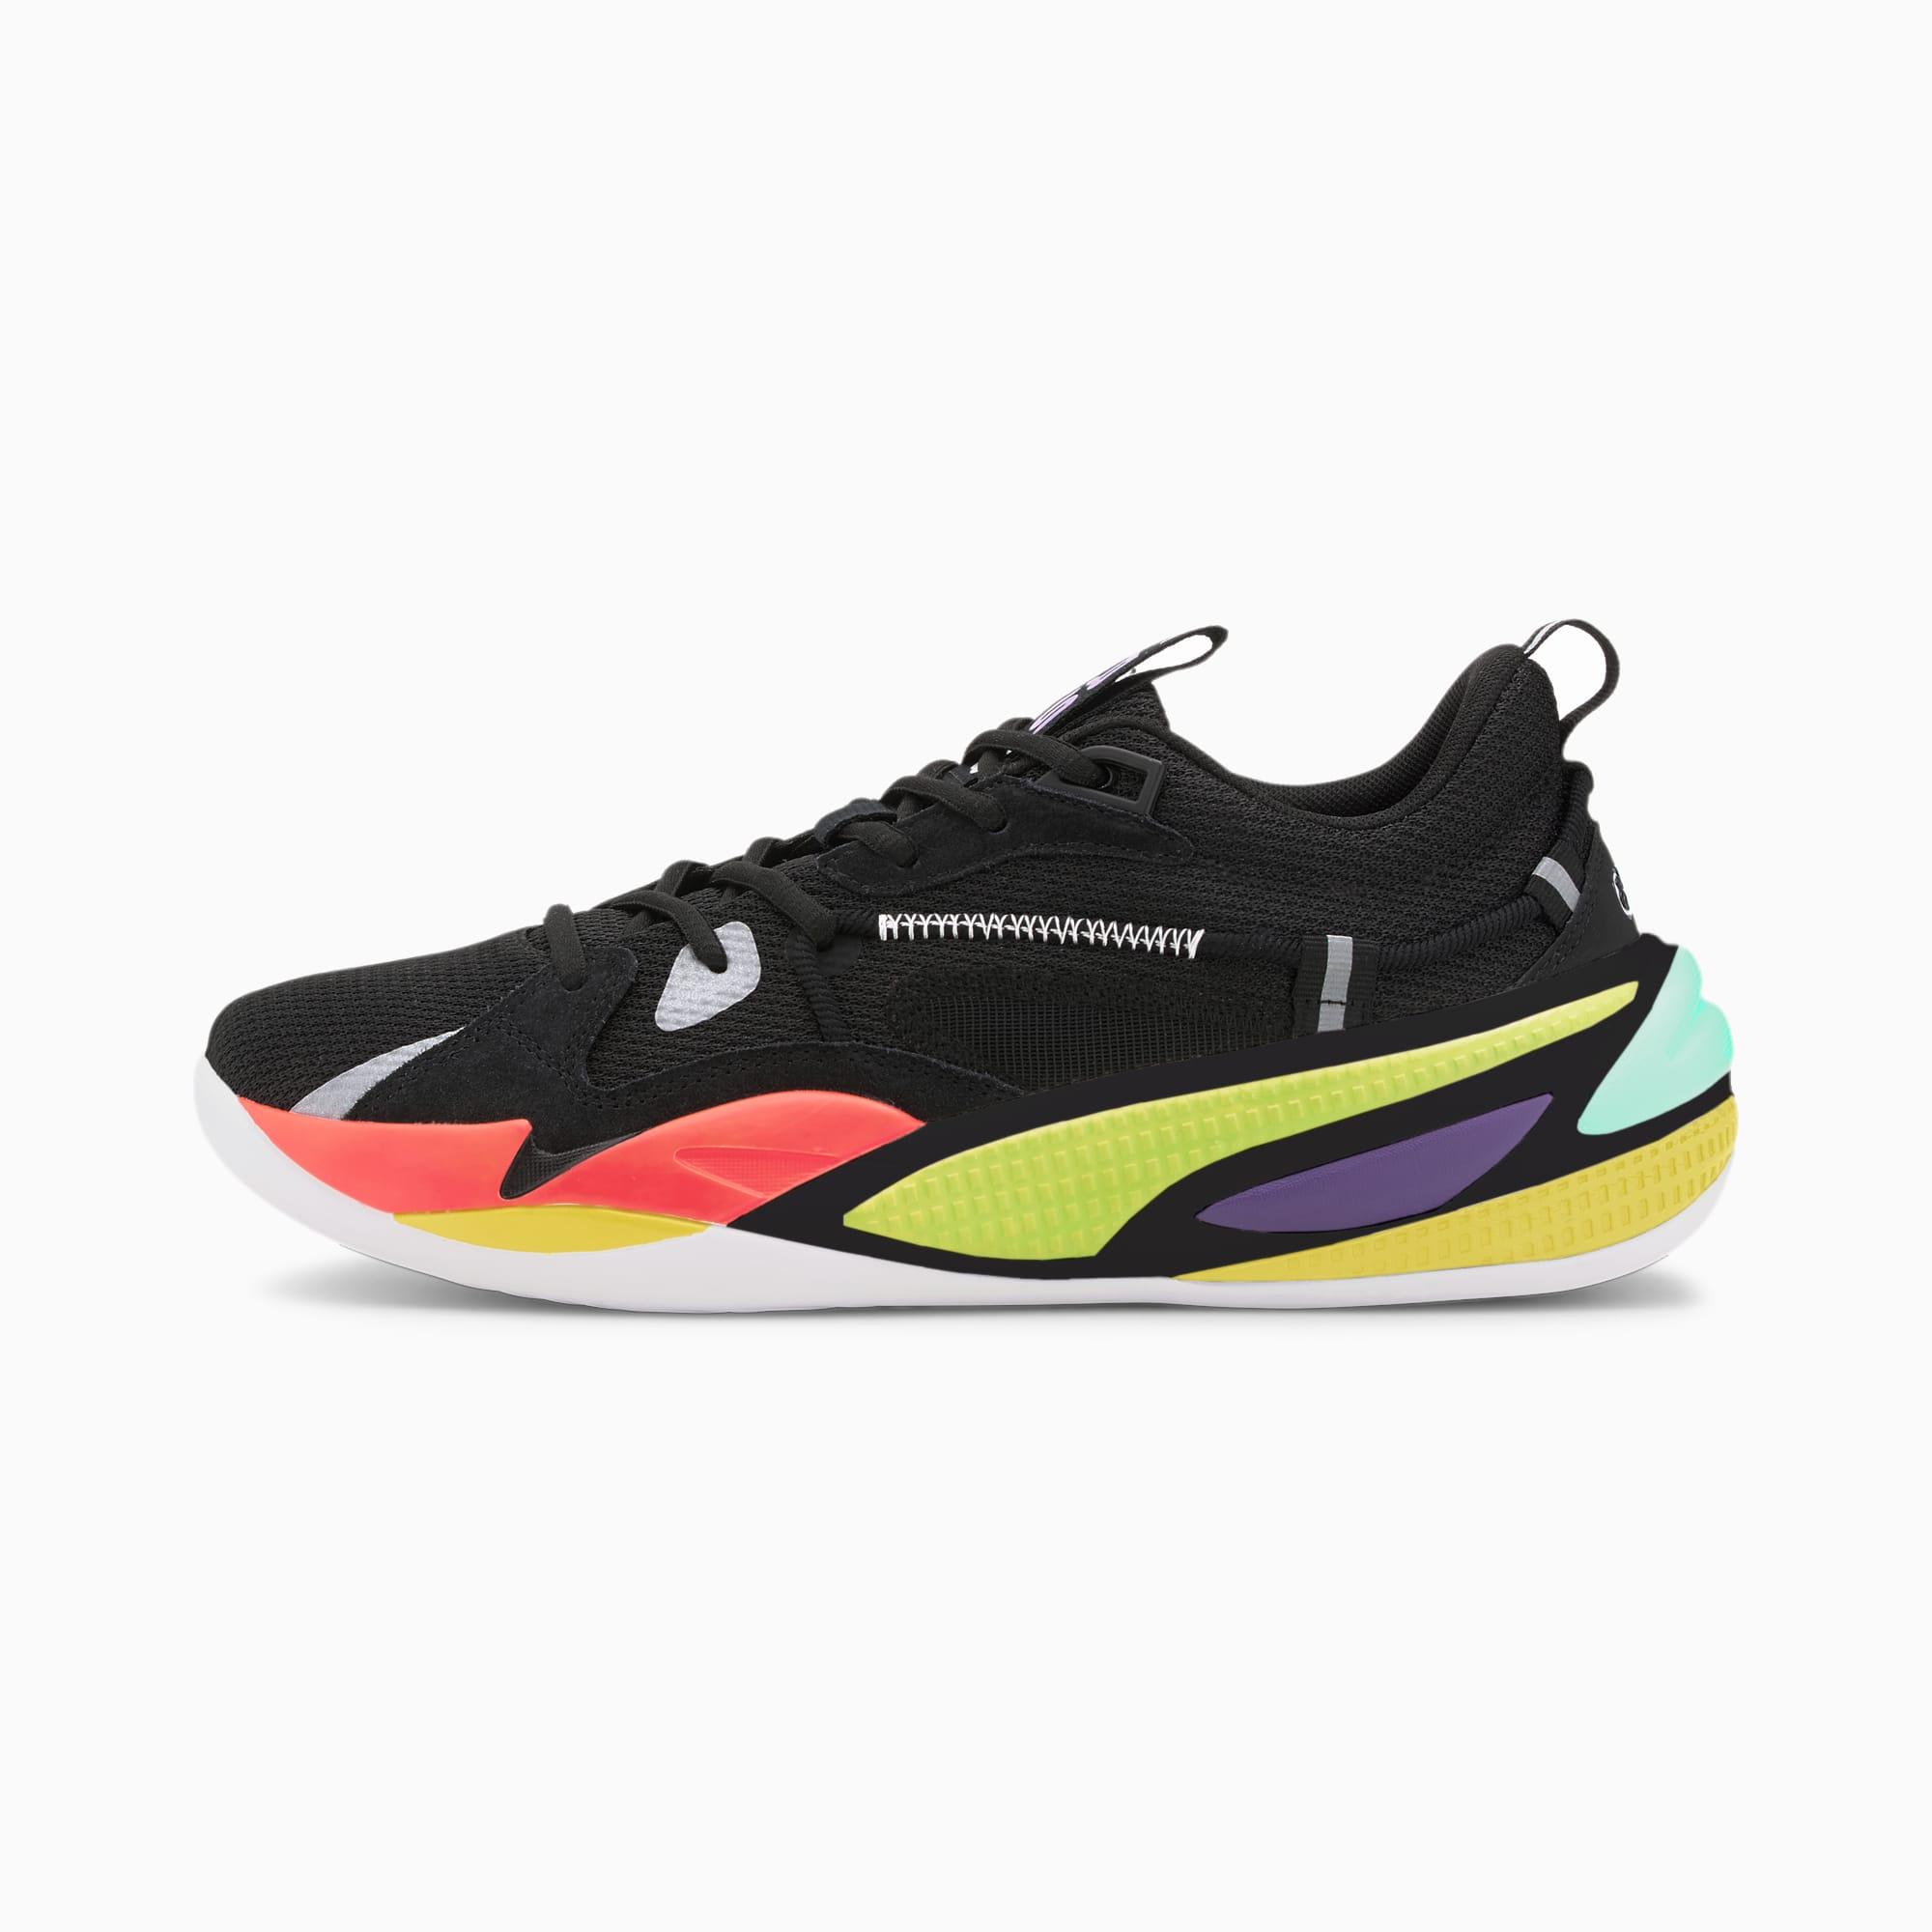 PUMA Chaussure de basket RS-Dreamer Proto, Noir/Rouge, Taille 43, Chaussures